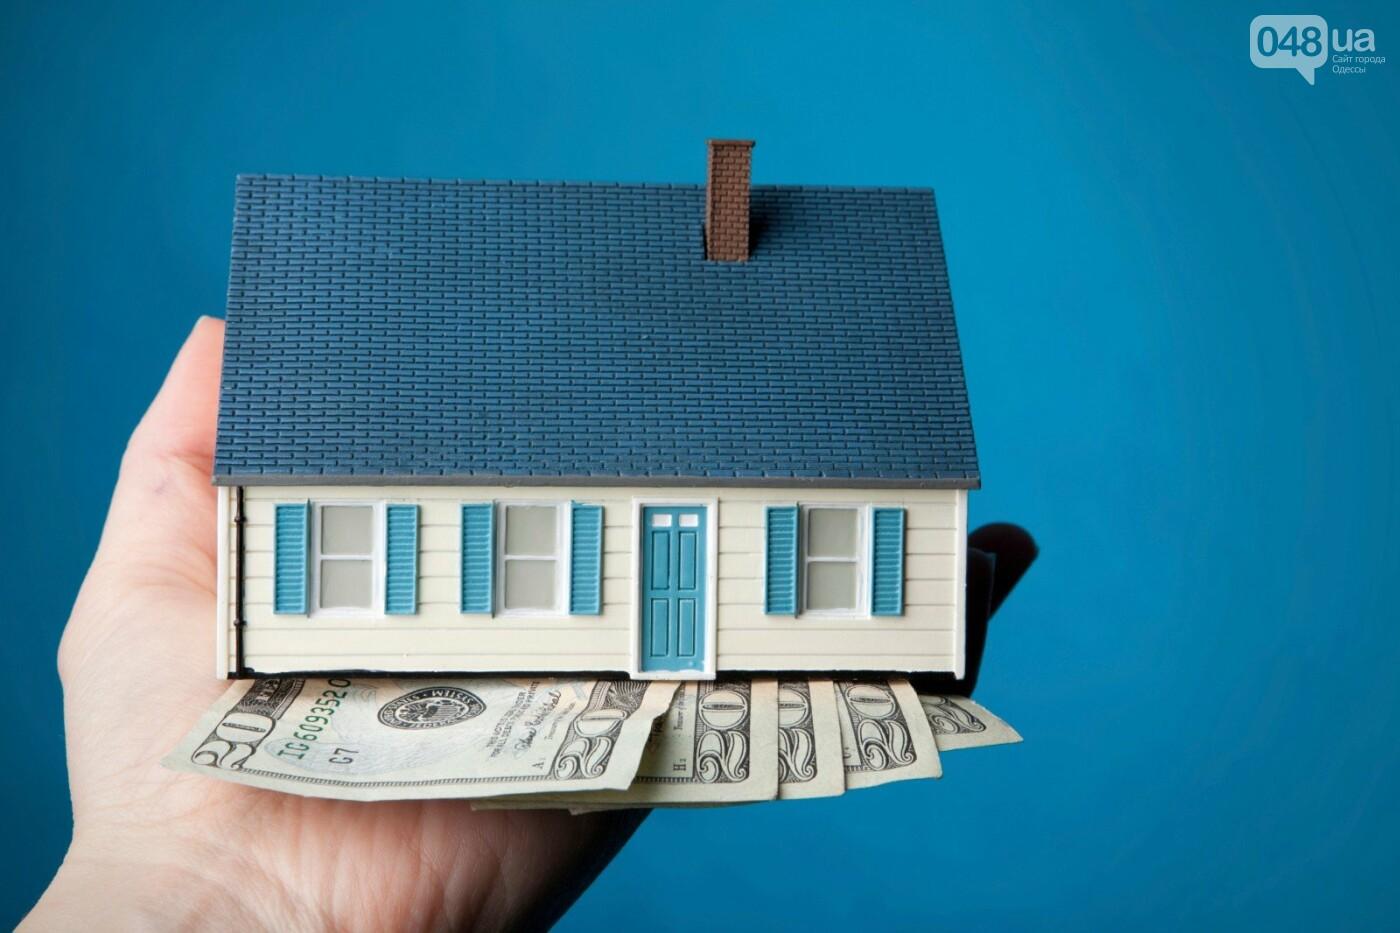 Кредит под залог авто и недвижимости: одесситы могут получить до миллиона гривен наличными, фото-2